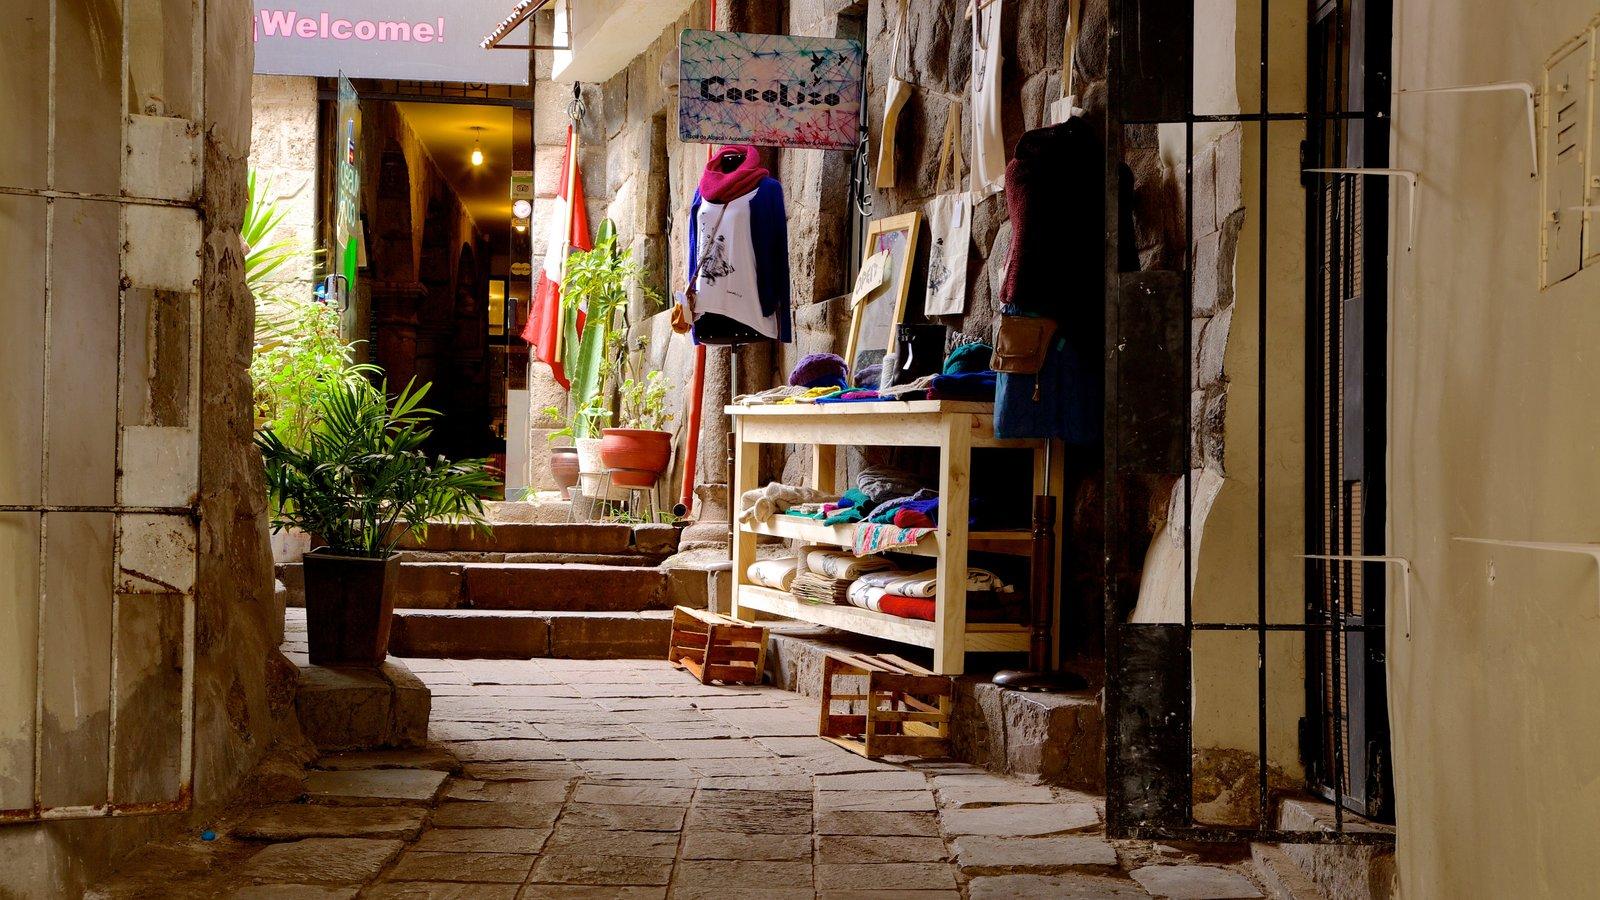 Fotos de Compras: Ver imágenes de América del Sur